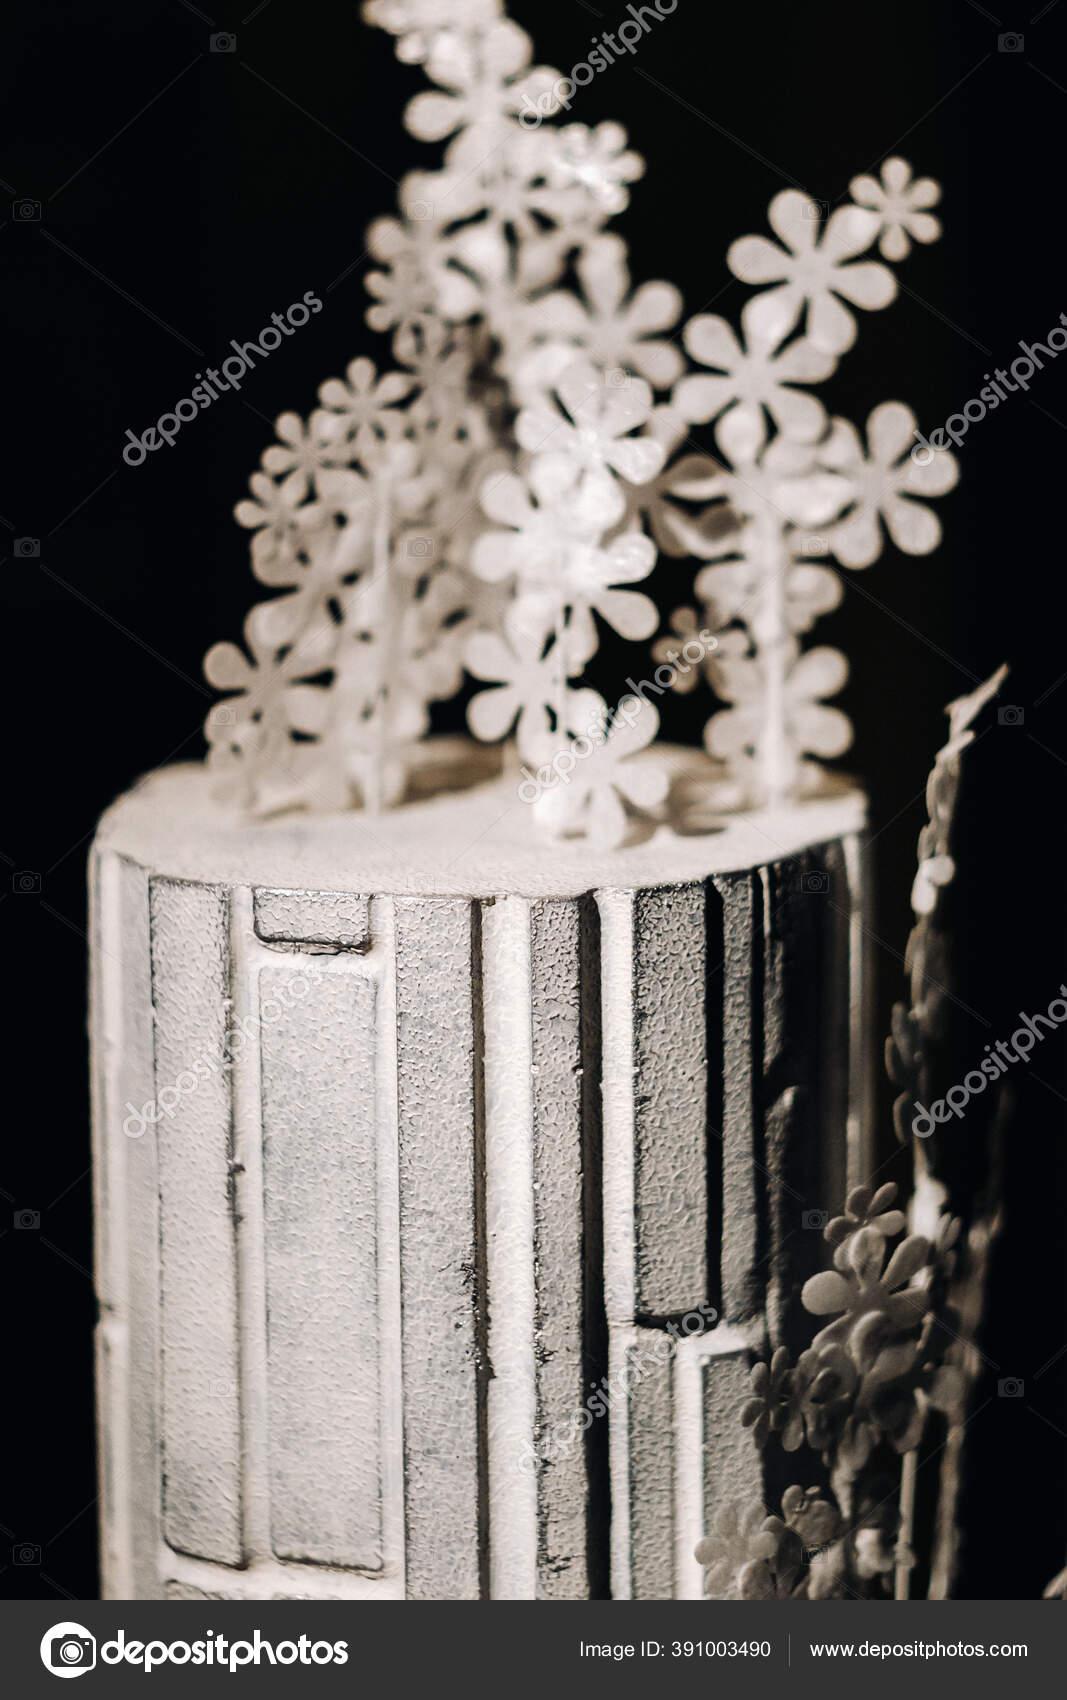 Amazing Cakes Chocolate Wedding Cake White Cake Black Background Large Stok Foto C Lobachad 391003490